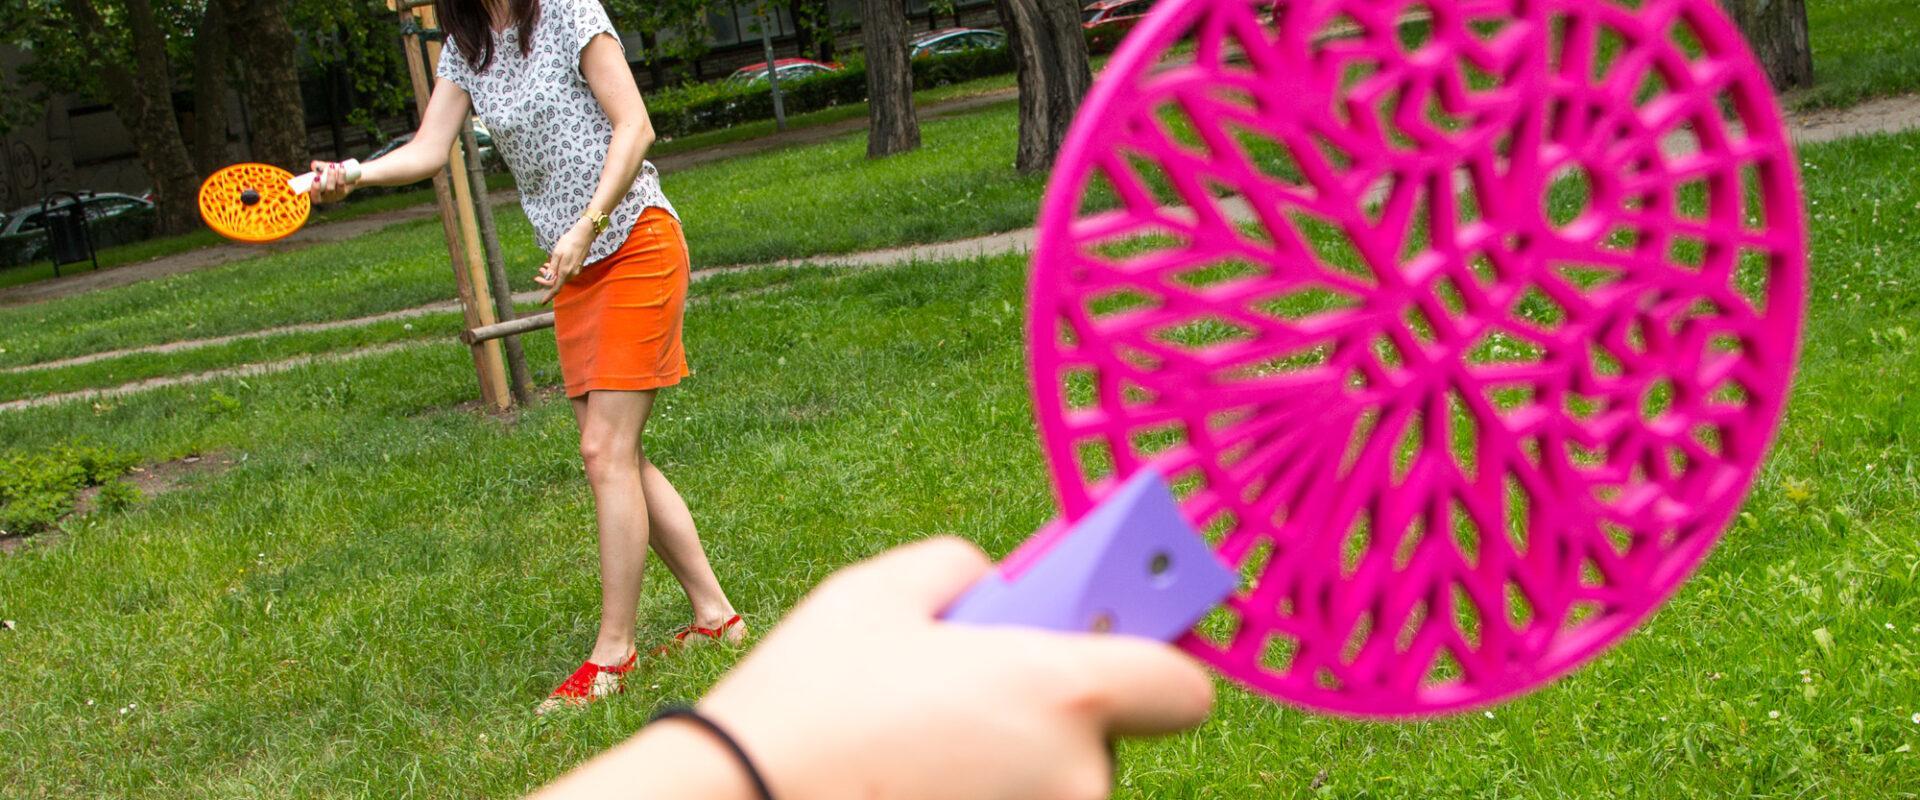 3D printed beach tennis paddles